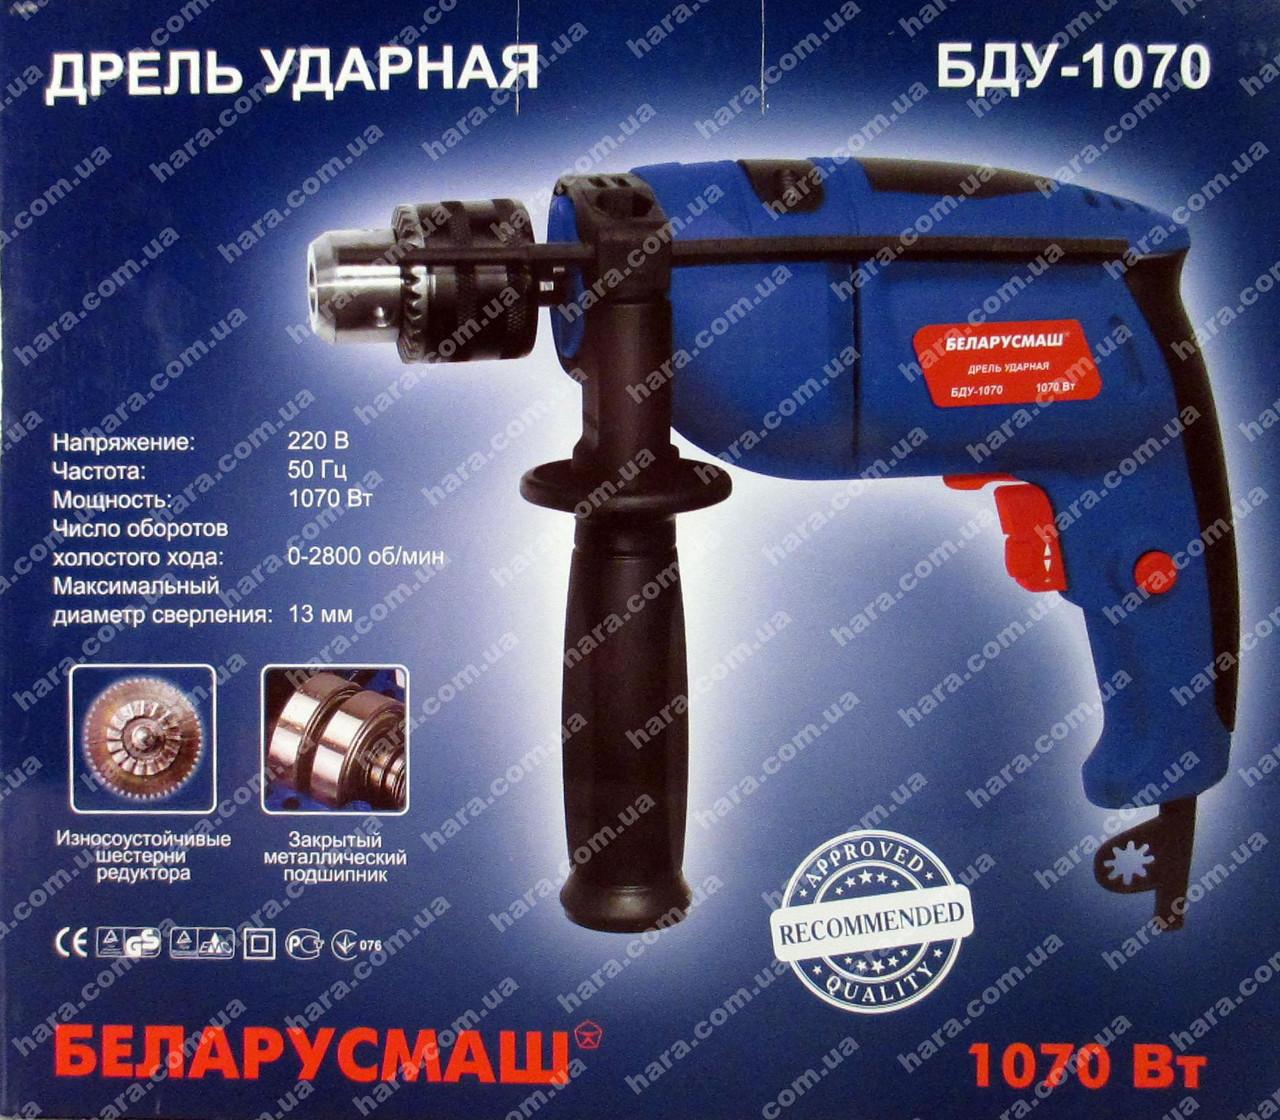 Дрель Беларусмаш БДУ-1070